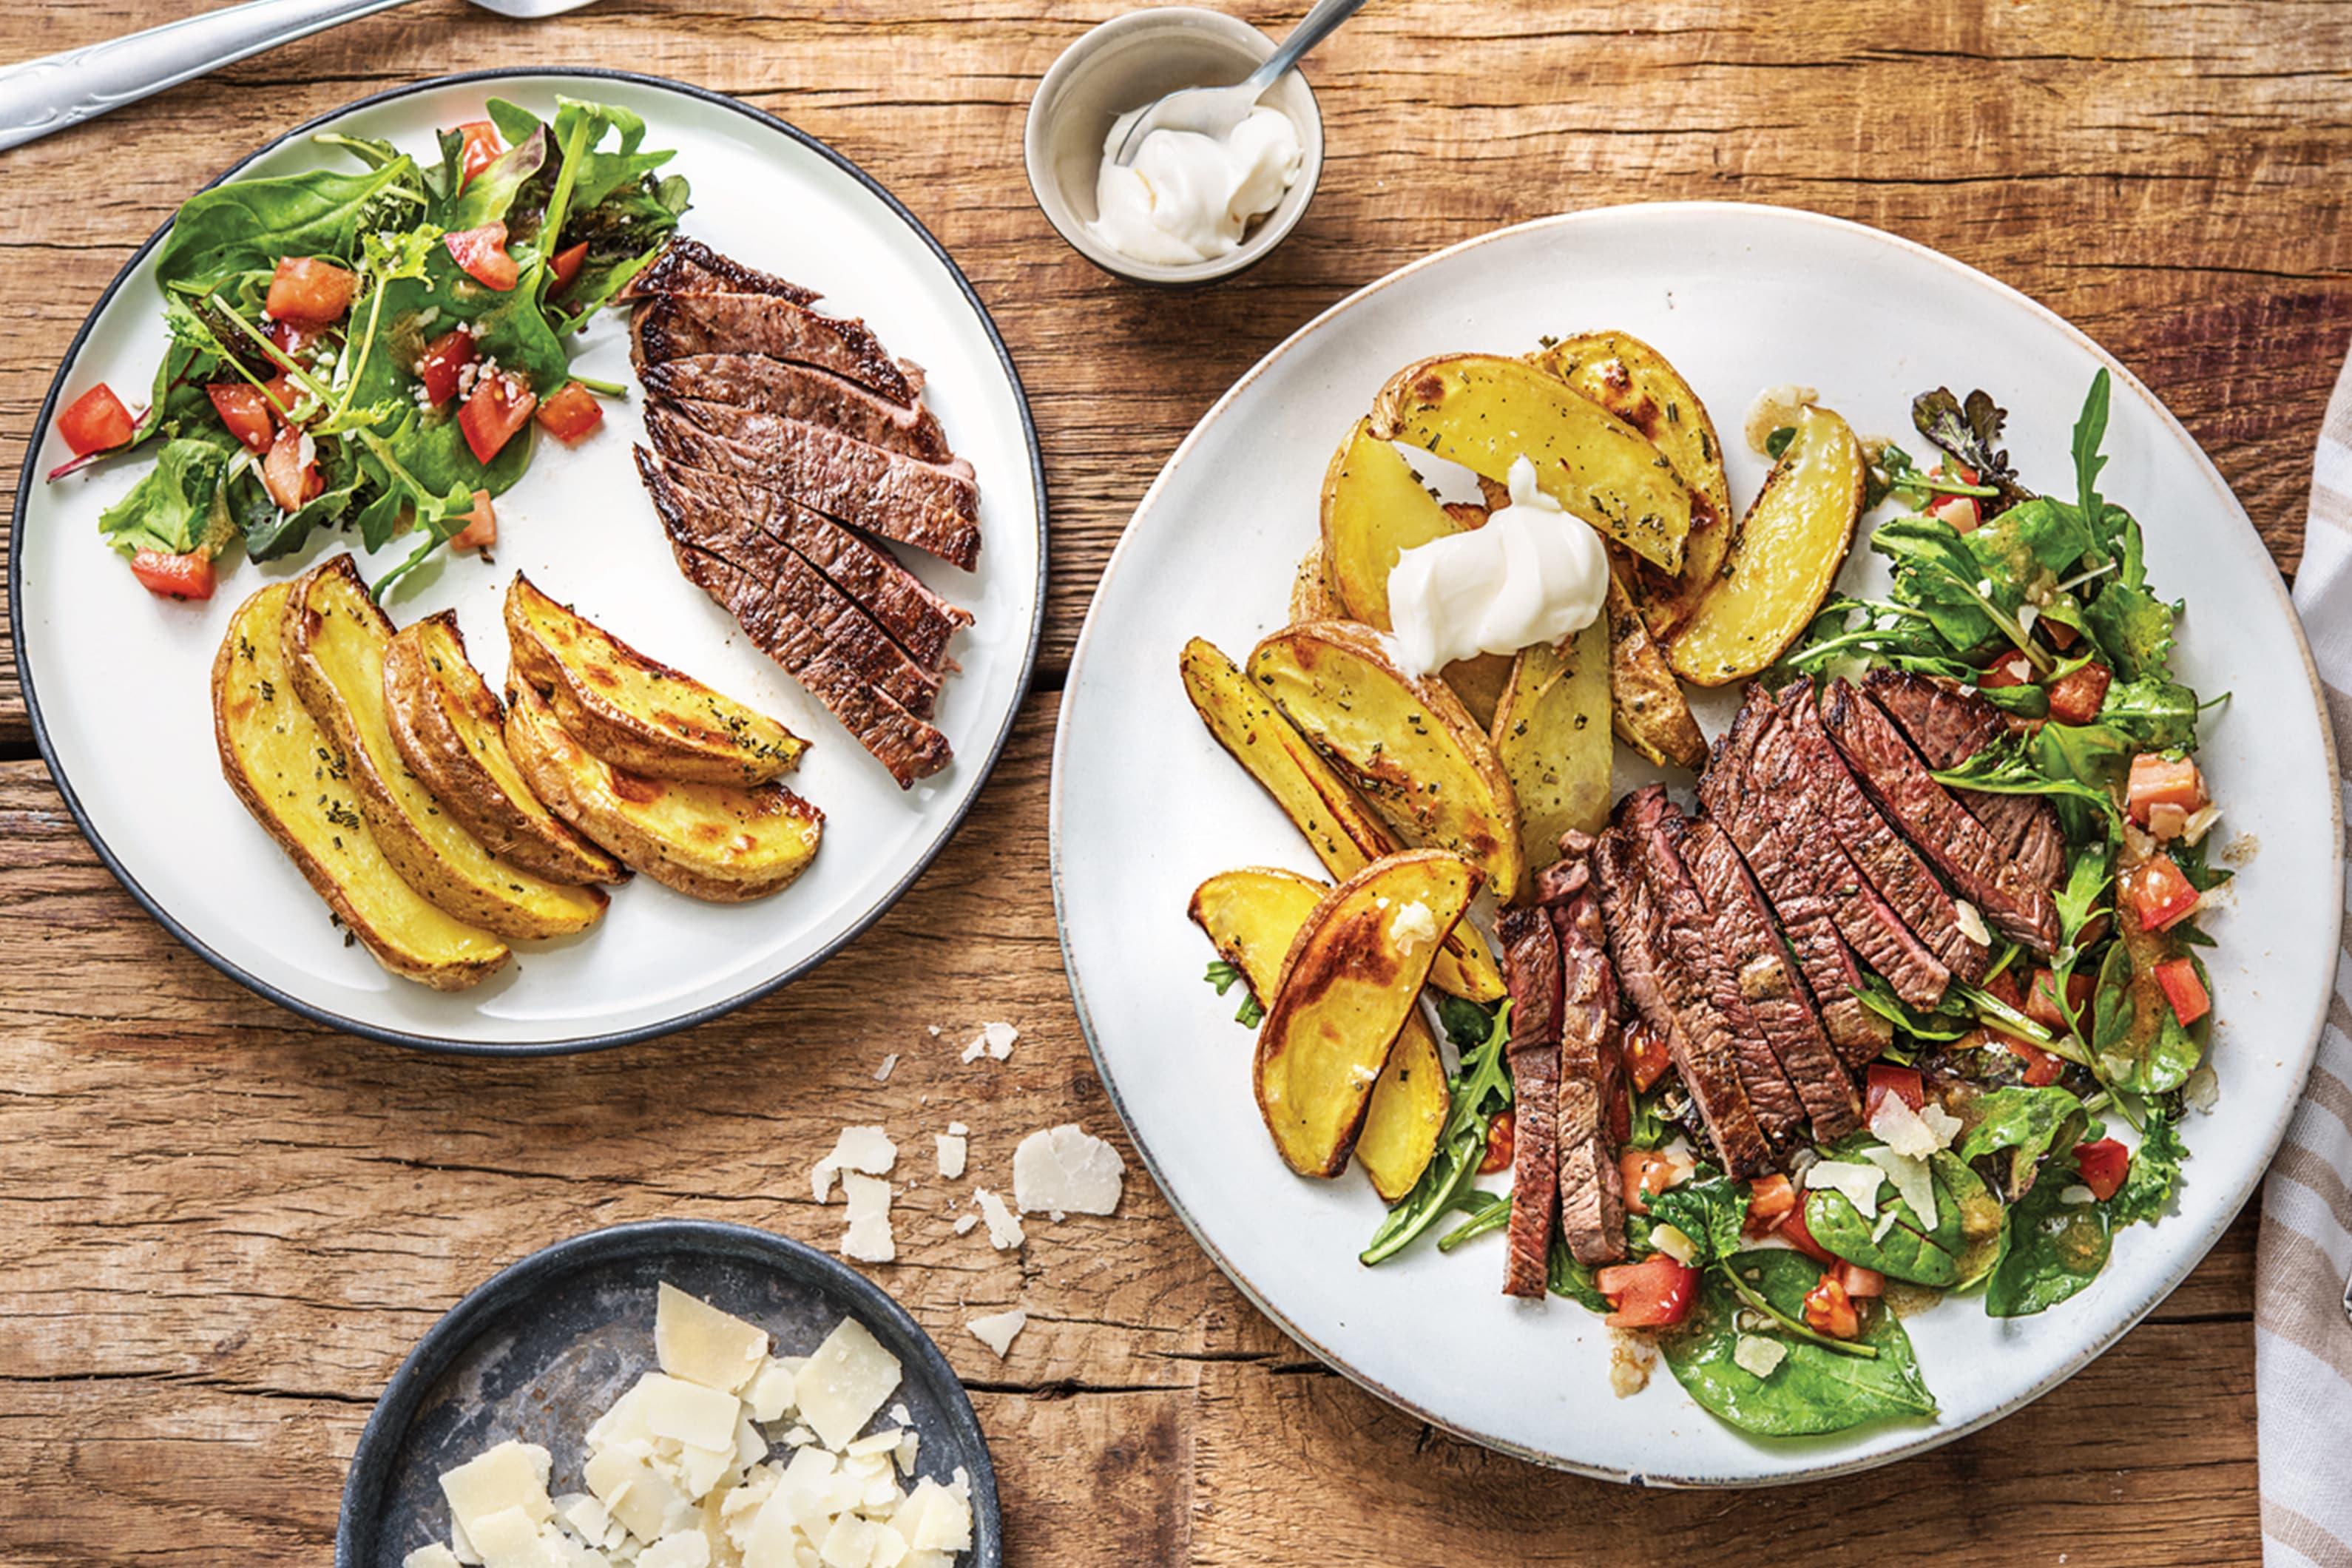 Steak Tagliata & Rosemary Wedges